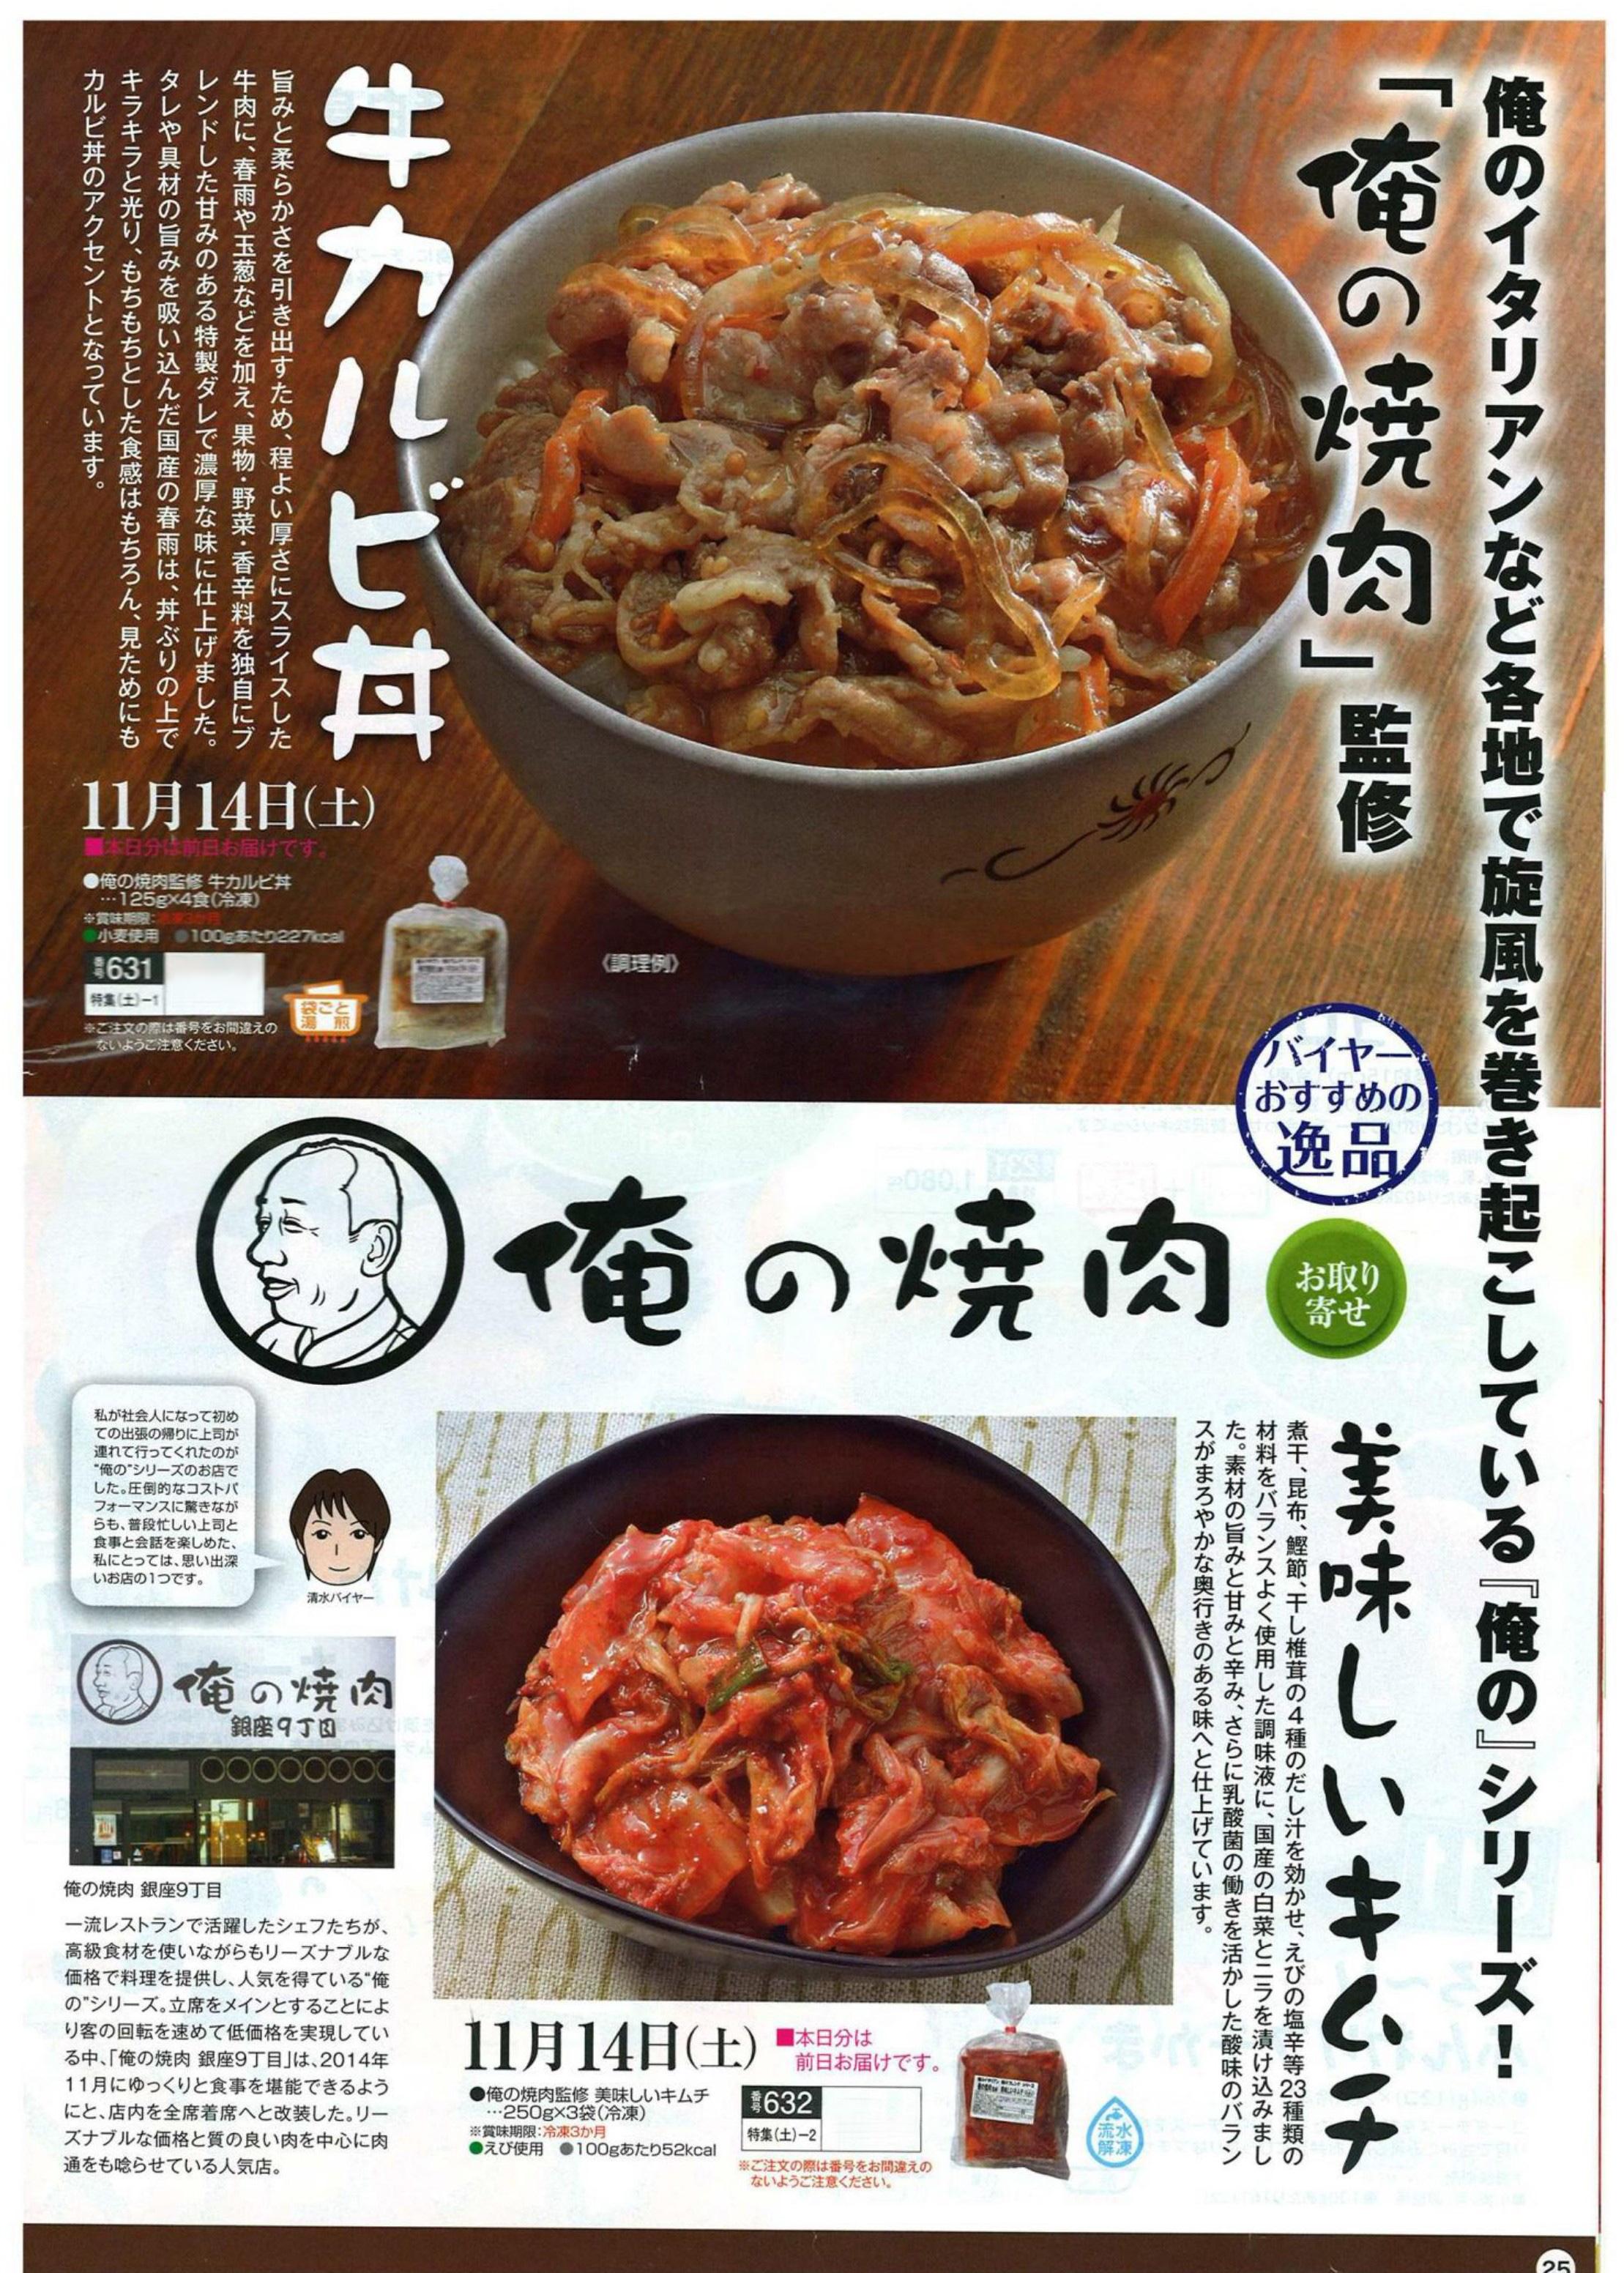 ヨシケイカタログ 俺の牛カルビ丼・キムチ_01